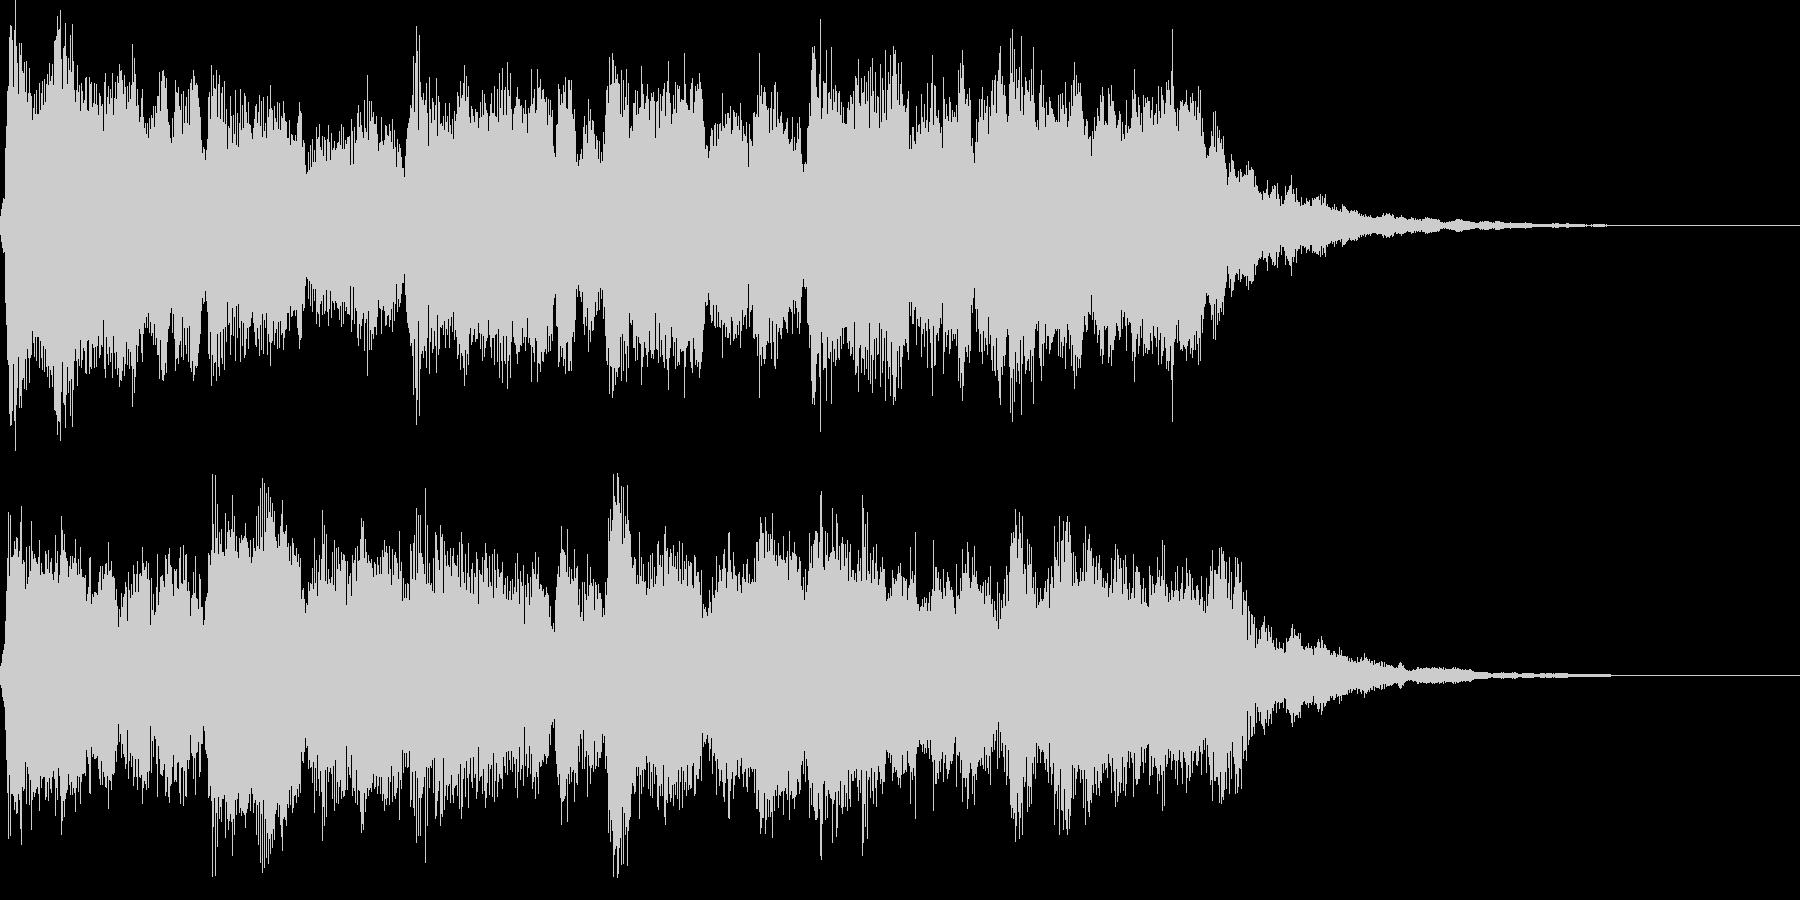 【遥かな旅】ストリングス&木管 ジングルの未再生の波形